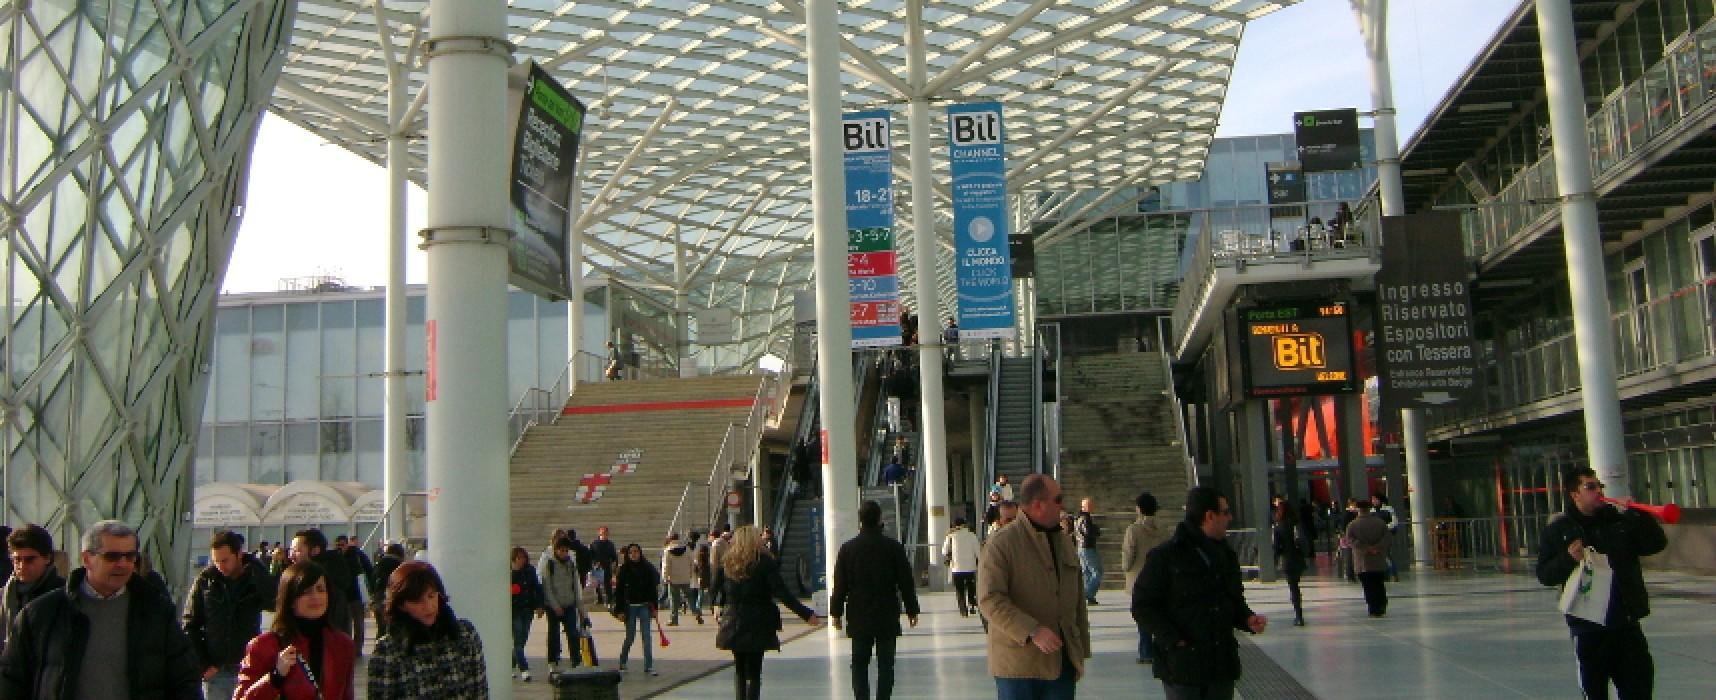 Torna l'appuntamento con la Borsa Internazionale del Turismo, Bisceglie con Patto Territoriale e Sac